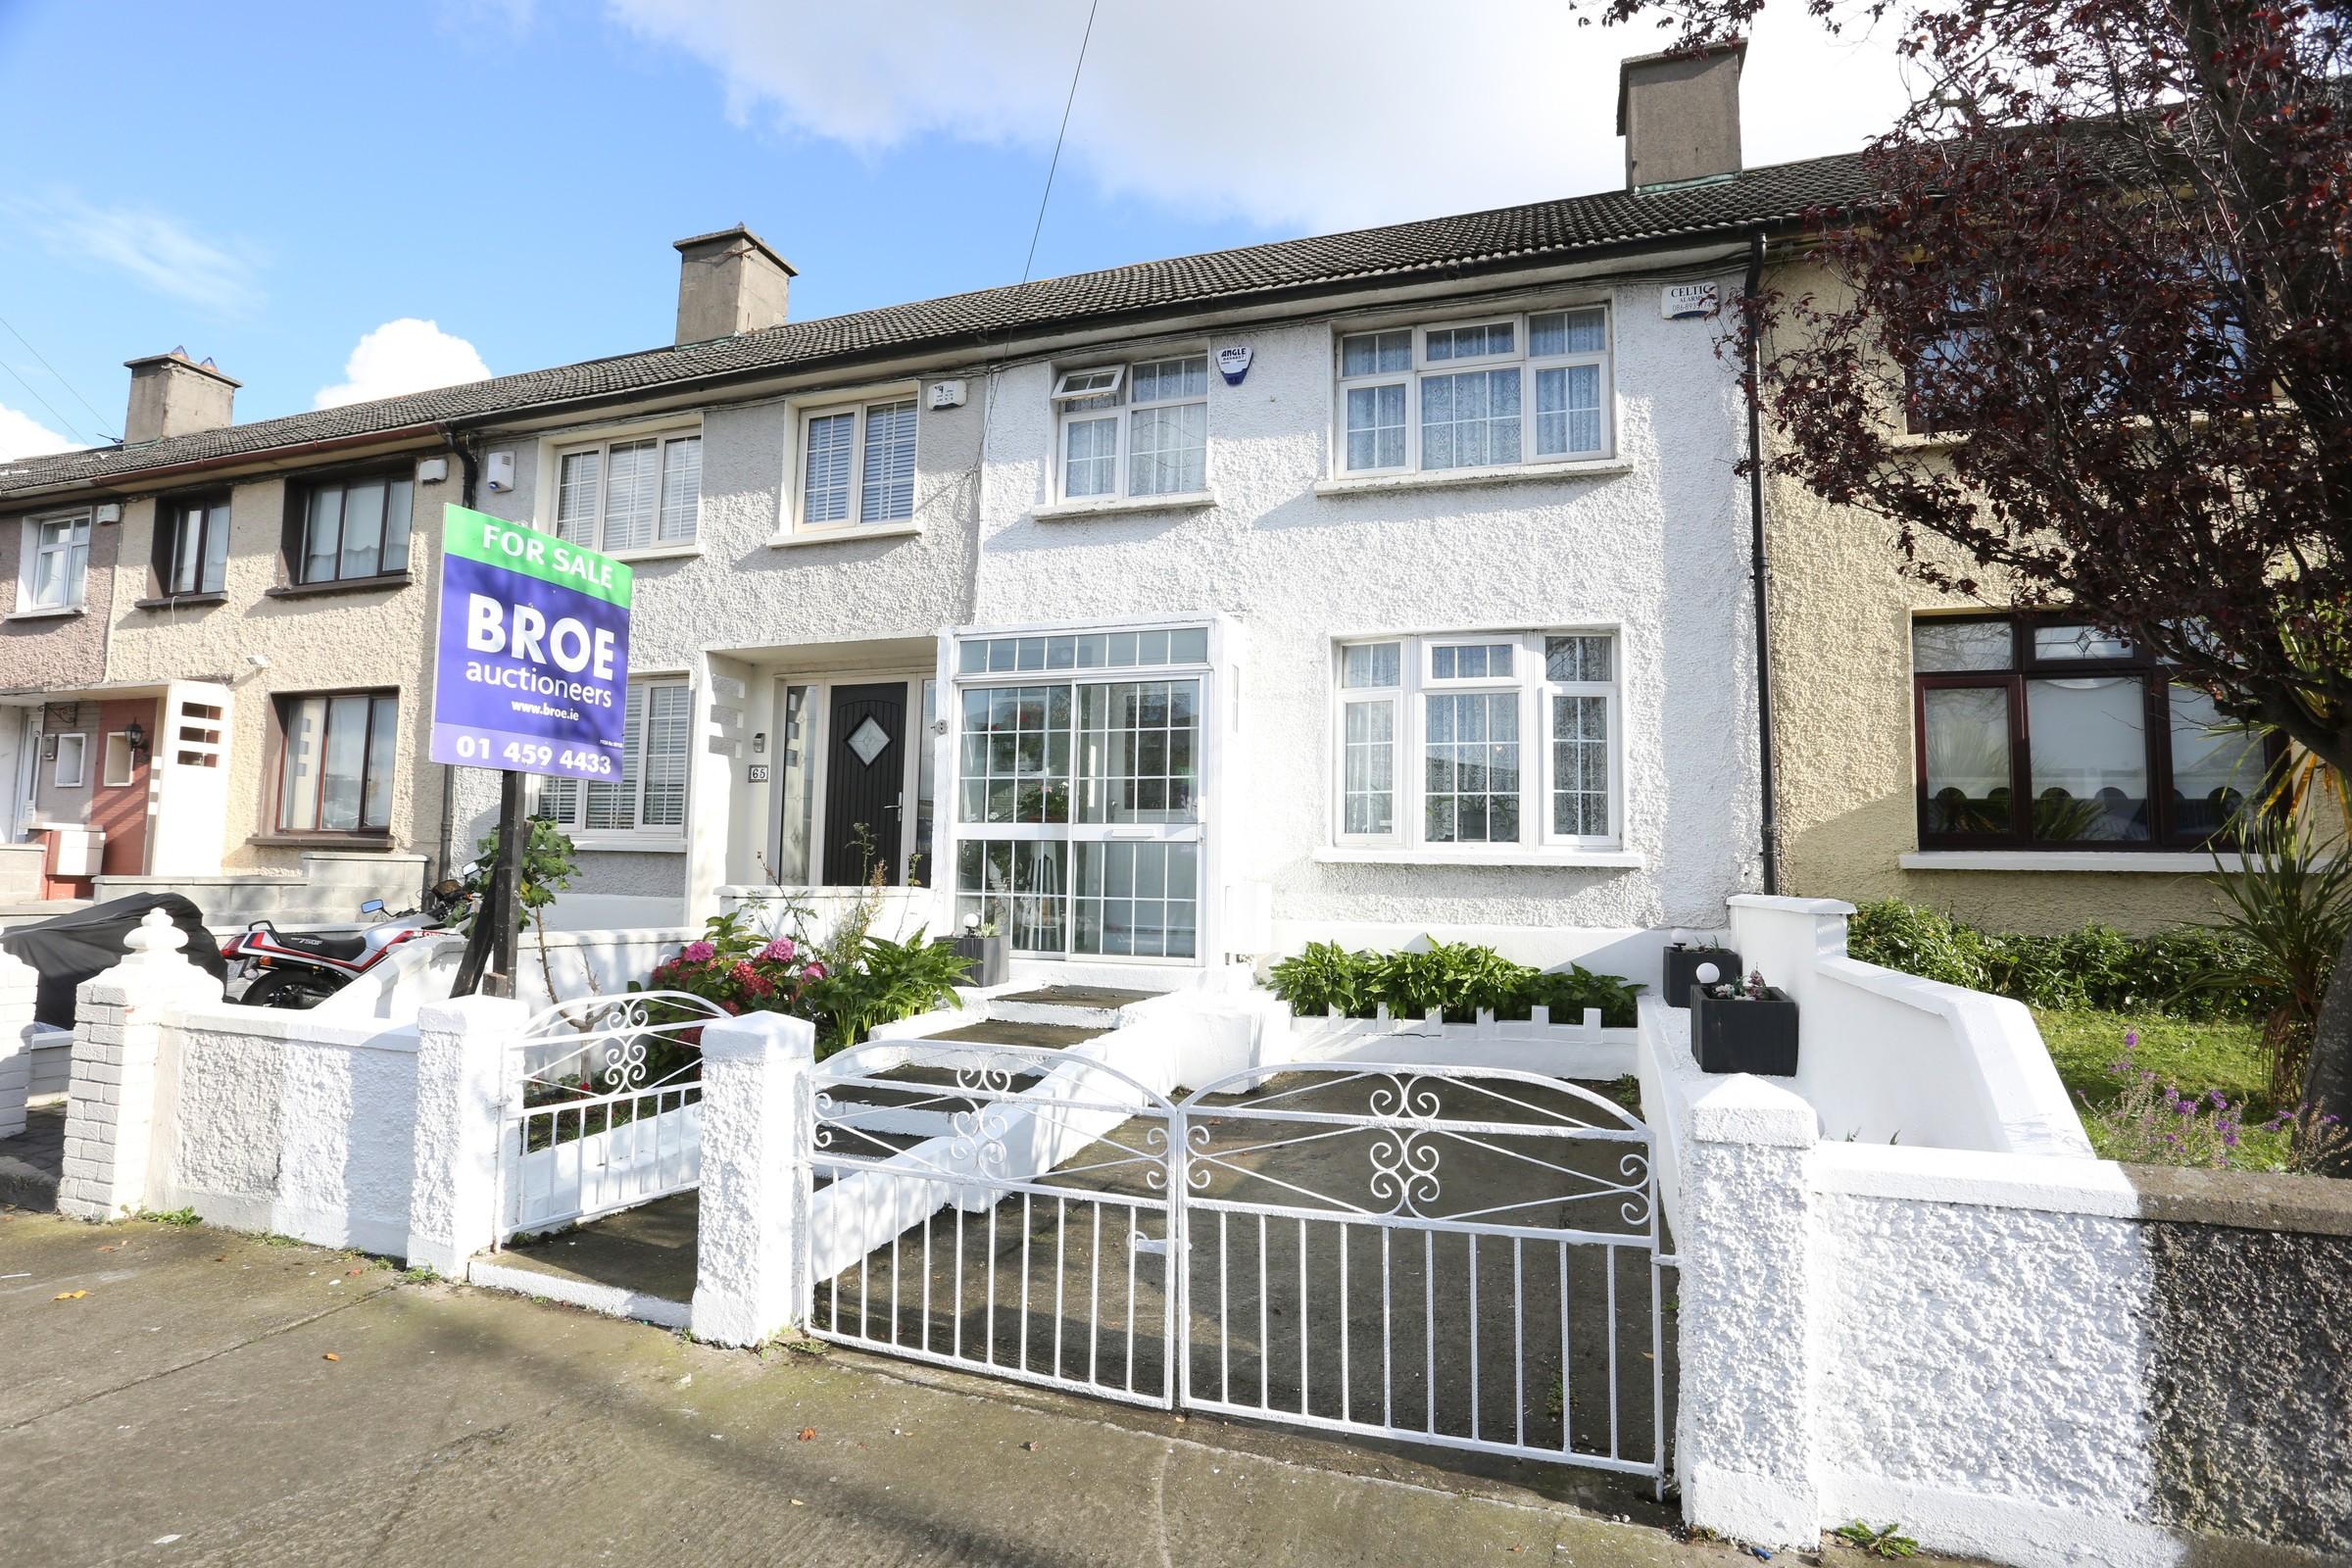 63 Bluebell Avenue, Bluebell, Dublin 12